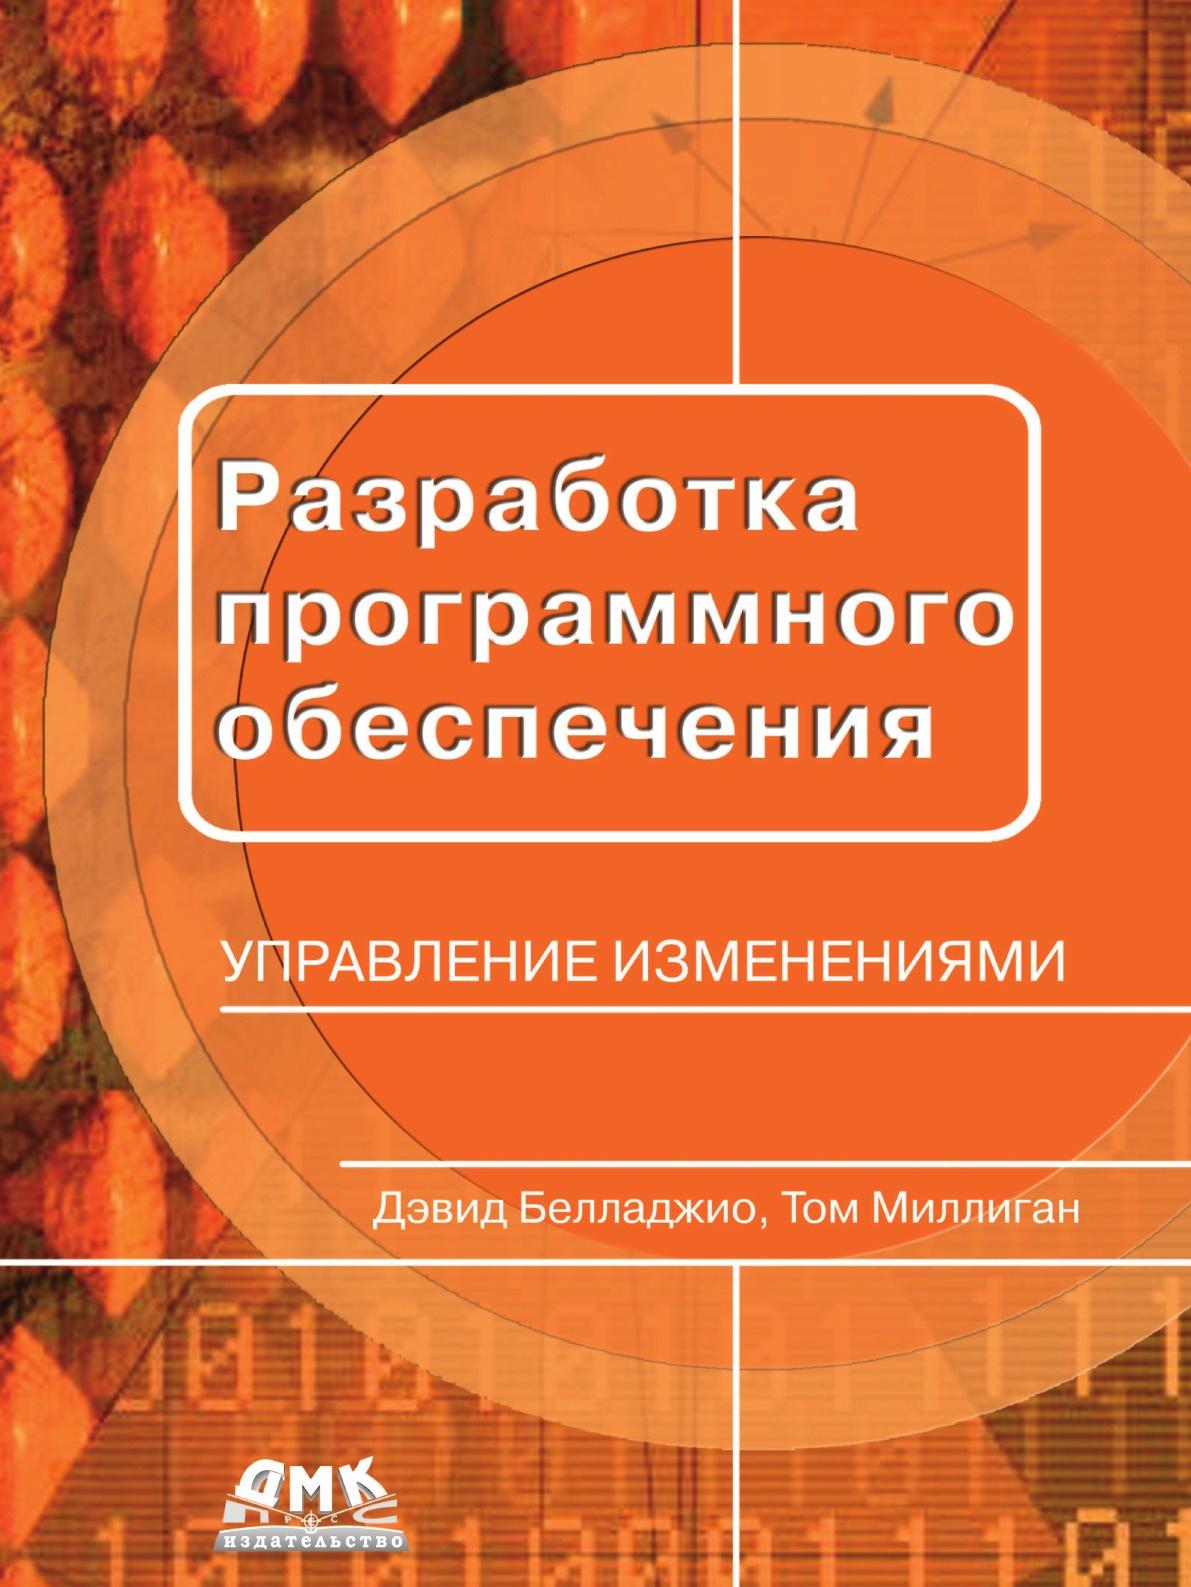 Д. Белладжио, Т. Миллиган Разработка программного обеспечения. Управление изменениями защитный колпачок neutrik scm